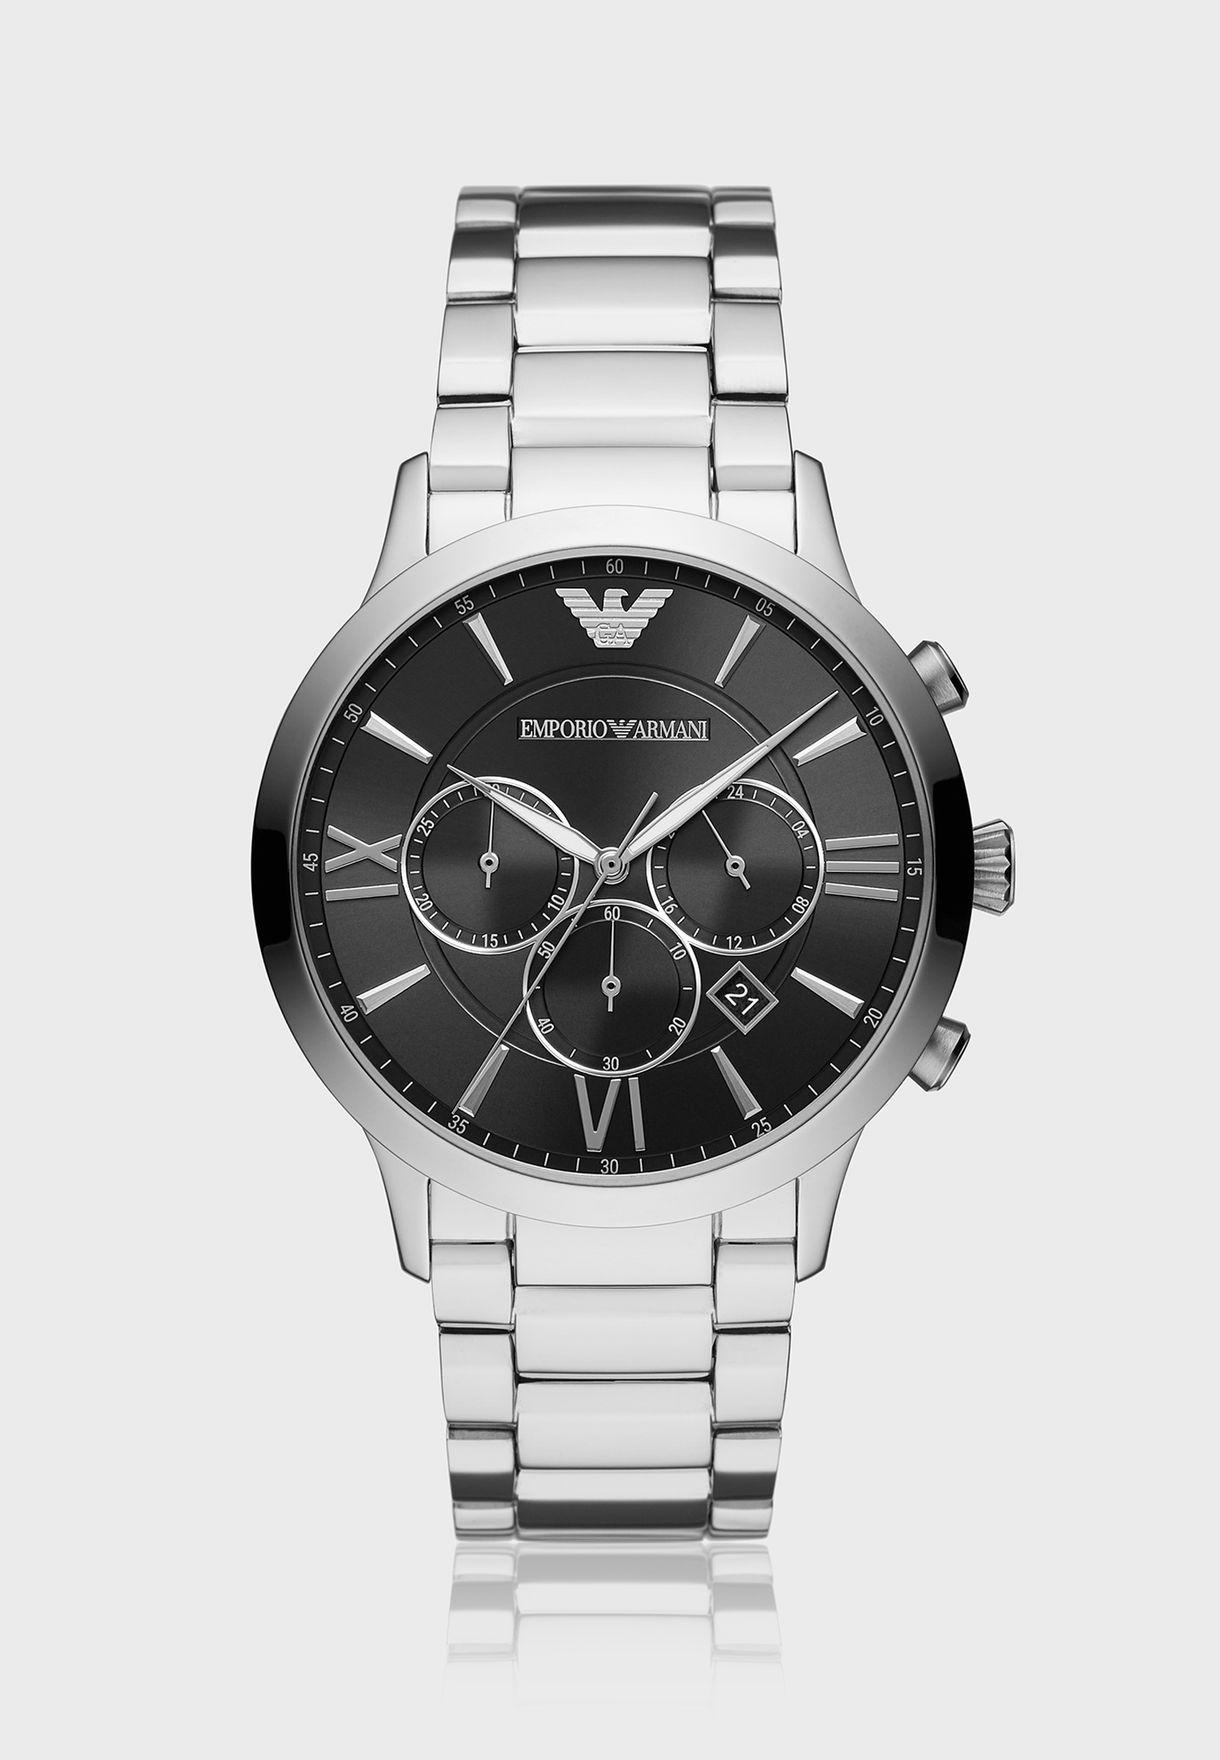 dd35bbc55 تسوق ساعة كلاسيكية AR11208 ماركة امبريو ارماني لون فضي AR11208 في ...